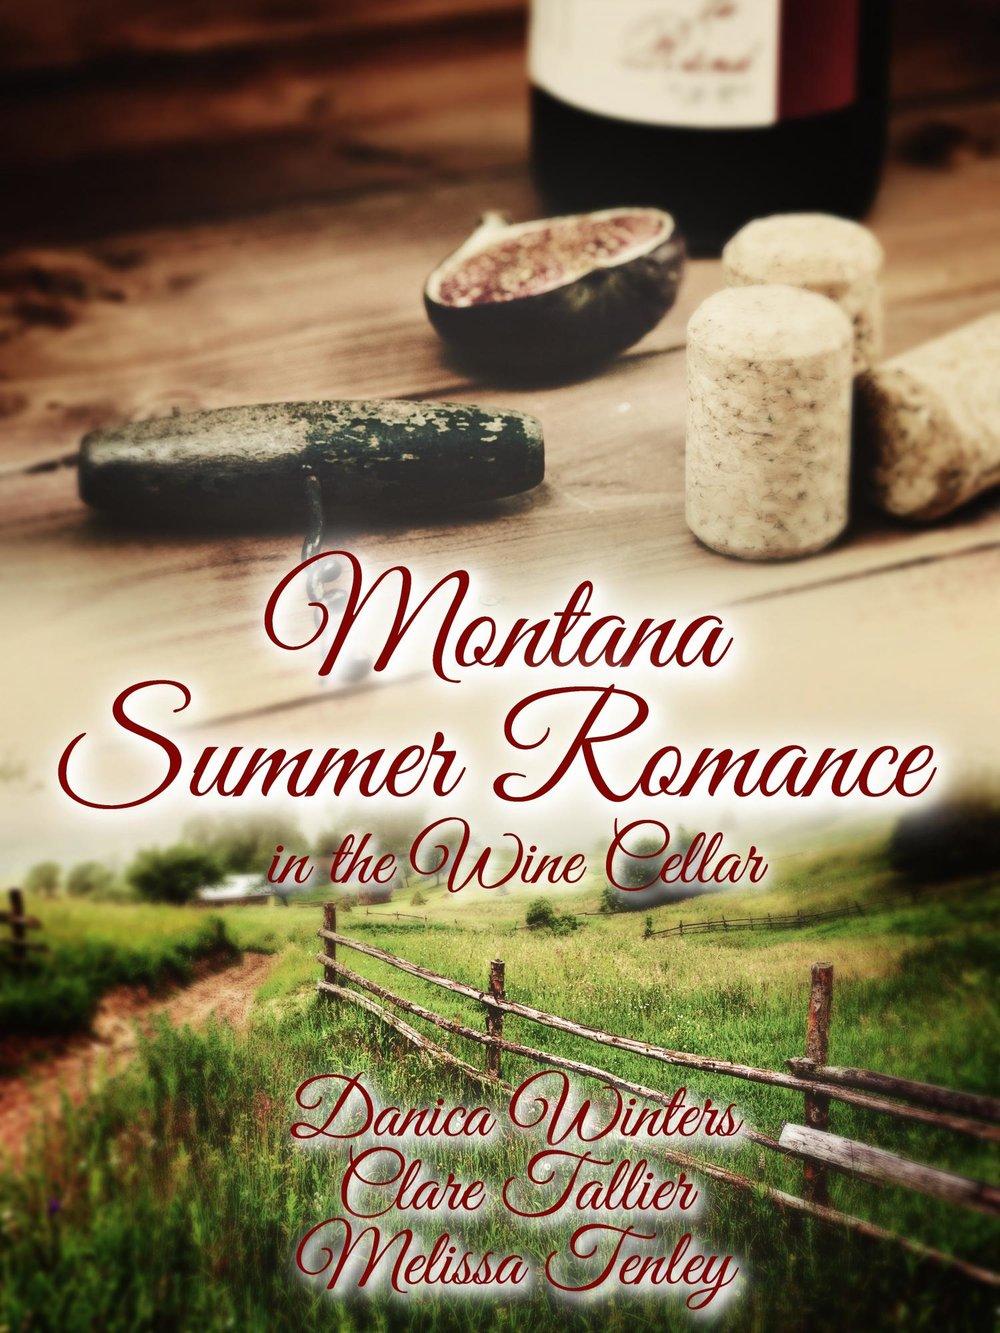 SummerRomance-72dpi-1500x2000.jpg